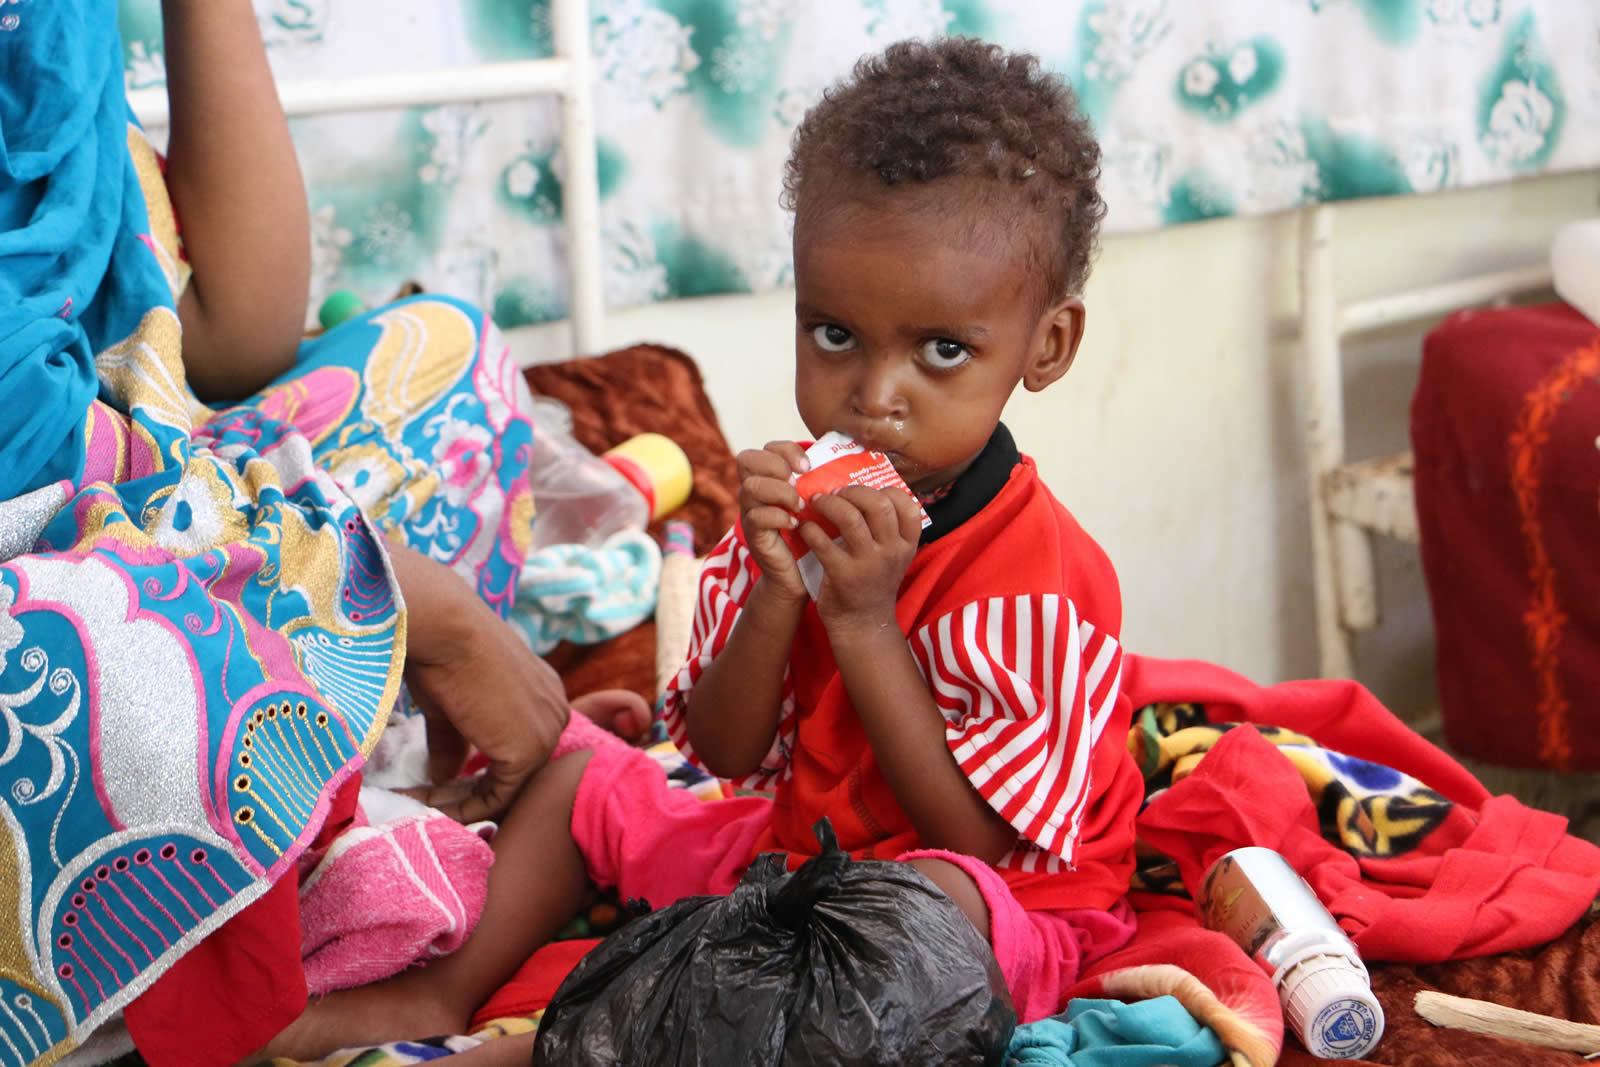 一個嚴重營養不良的孩子,正在中心接受治療。